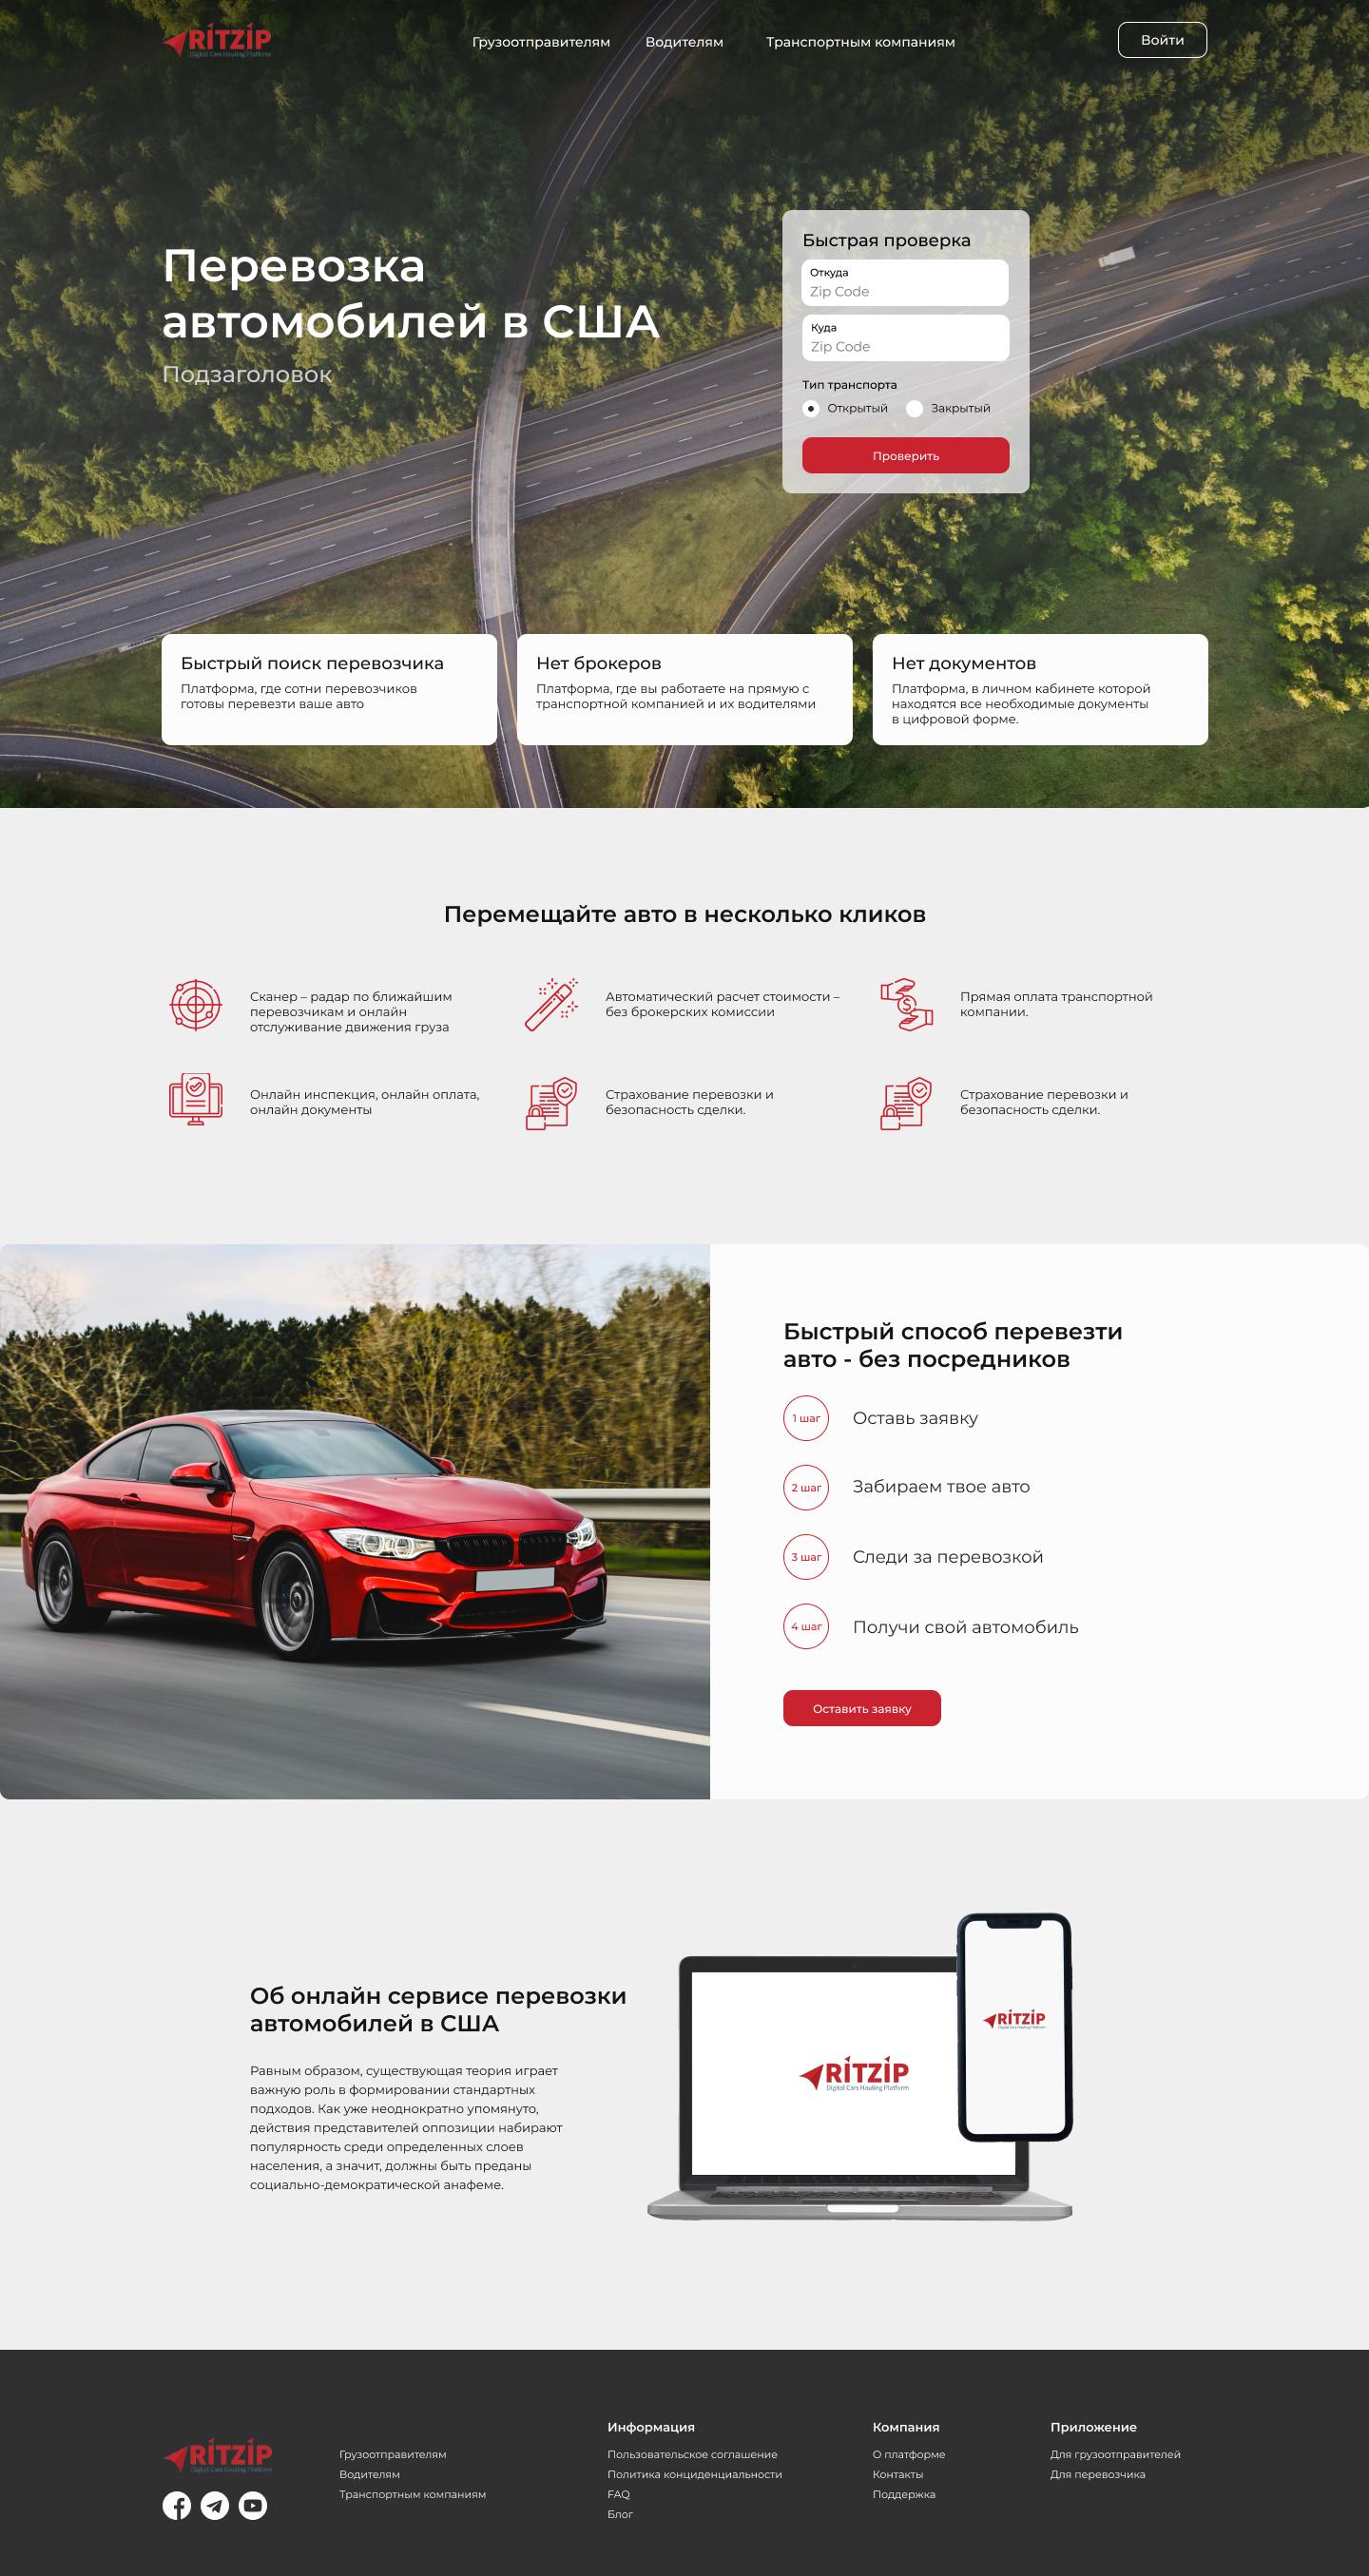 Дизайн сайта - автоперевозка авто в США -car hauling фото f_48260812982ac844.jpg